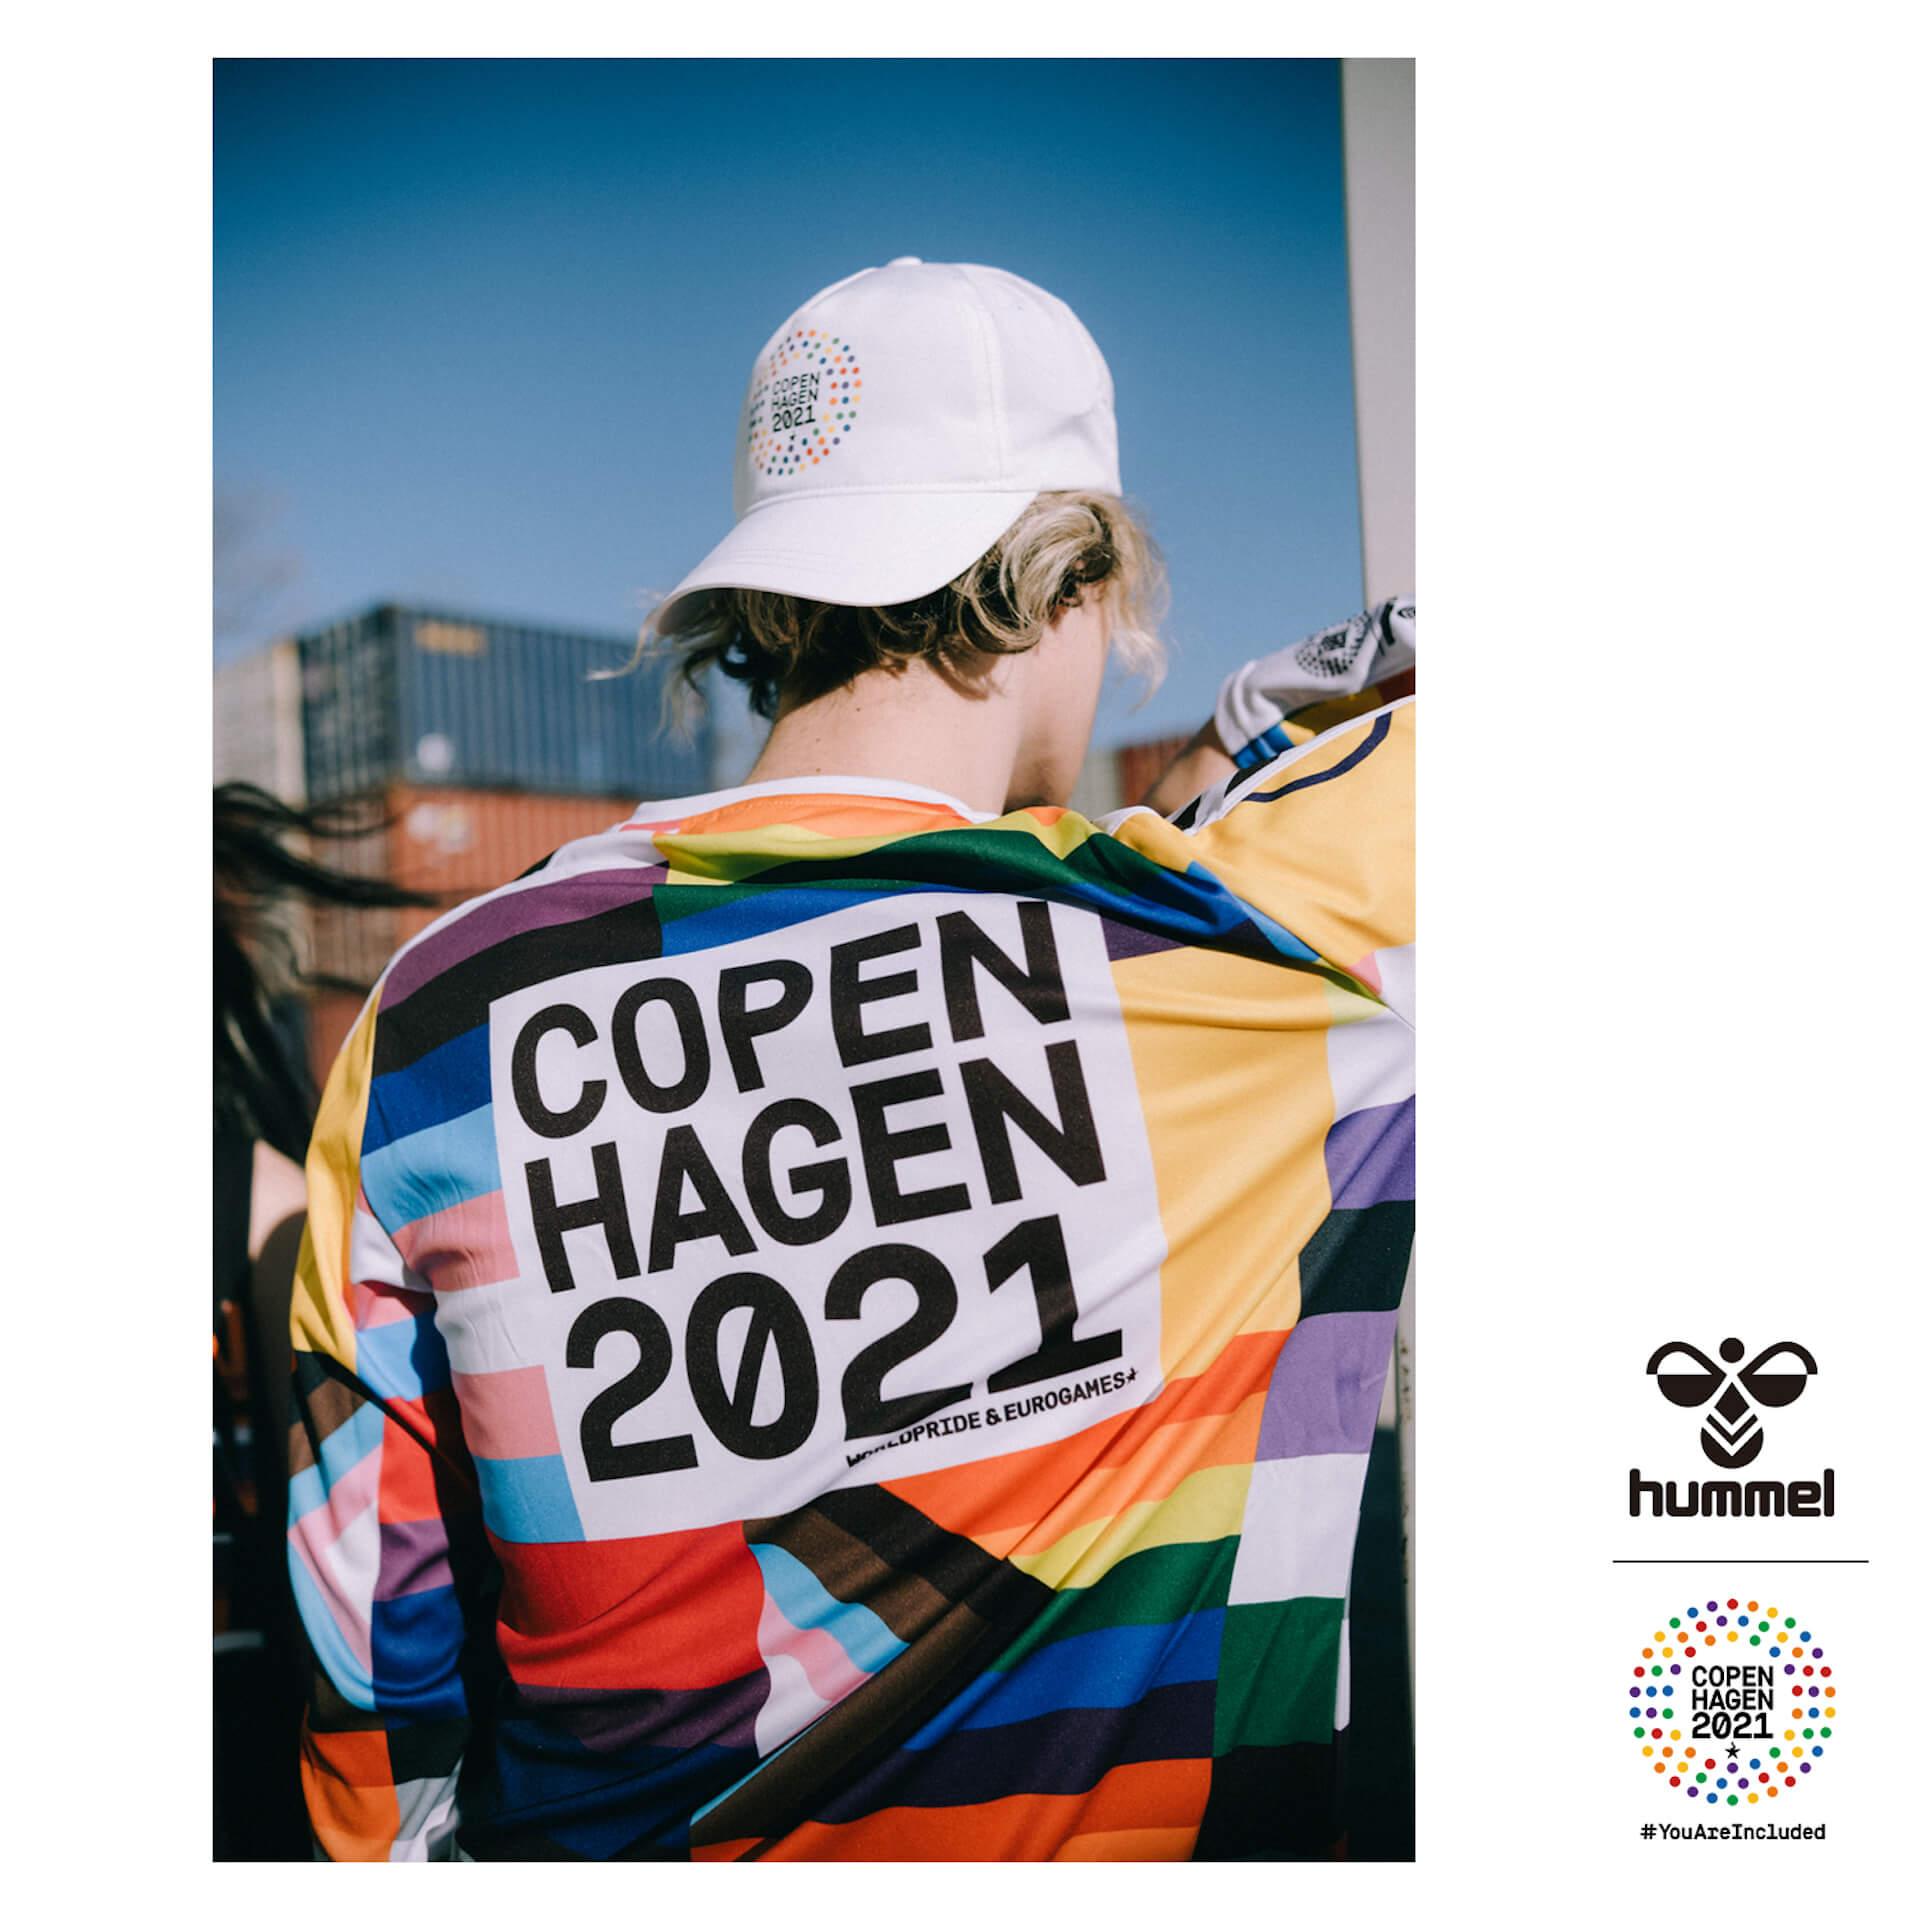 多様性を祝福する「ヒュンメル×コペンハーゲン 2021」コラボグッズが限定発売! Fashion_210706_hummel18